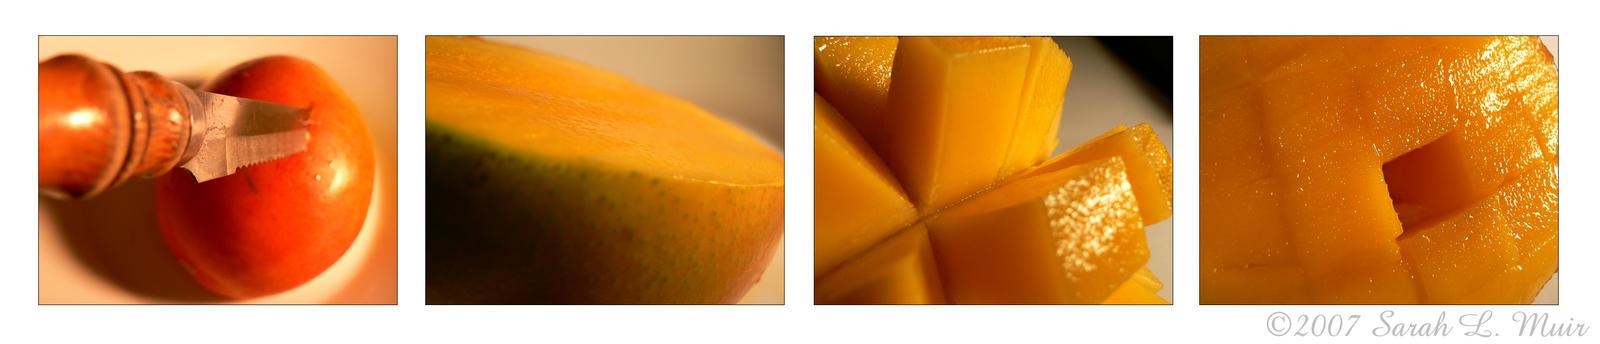 Mango by The-Shadowed-Angel